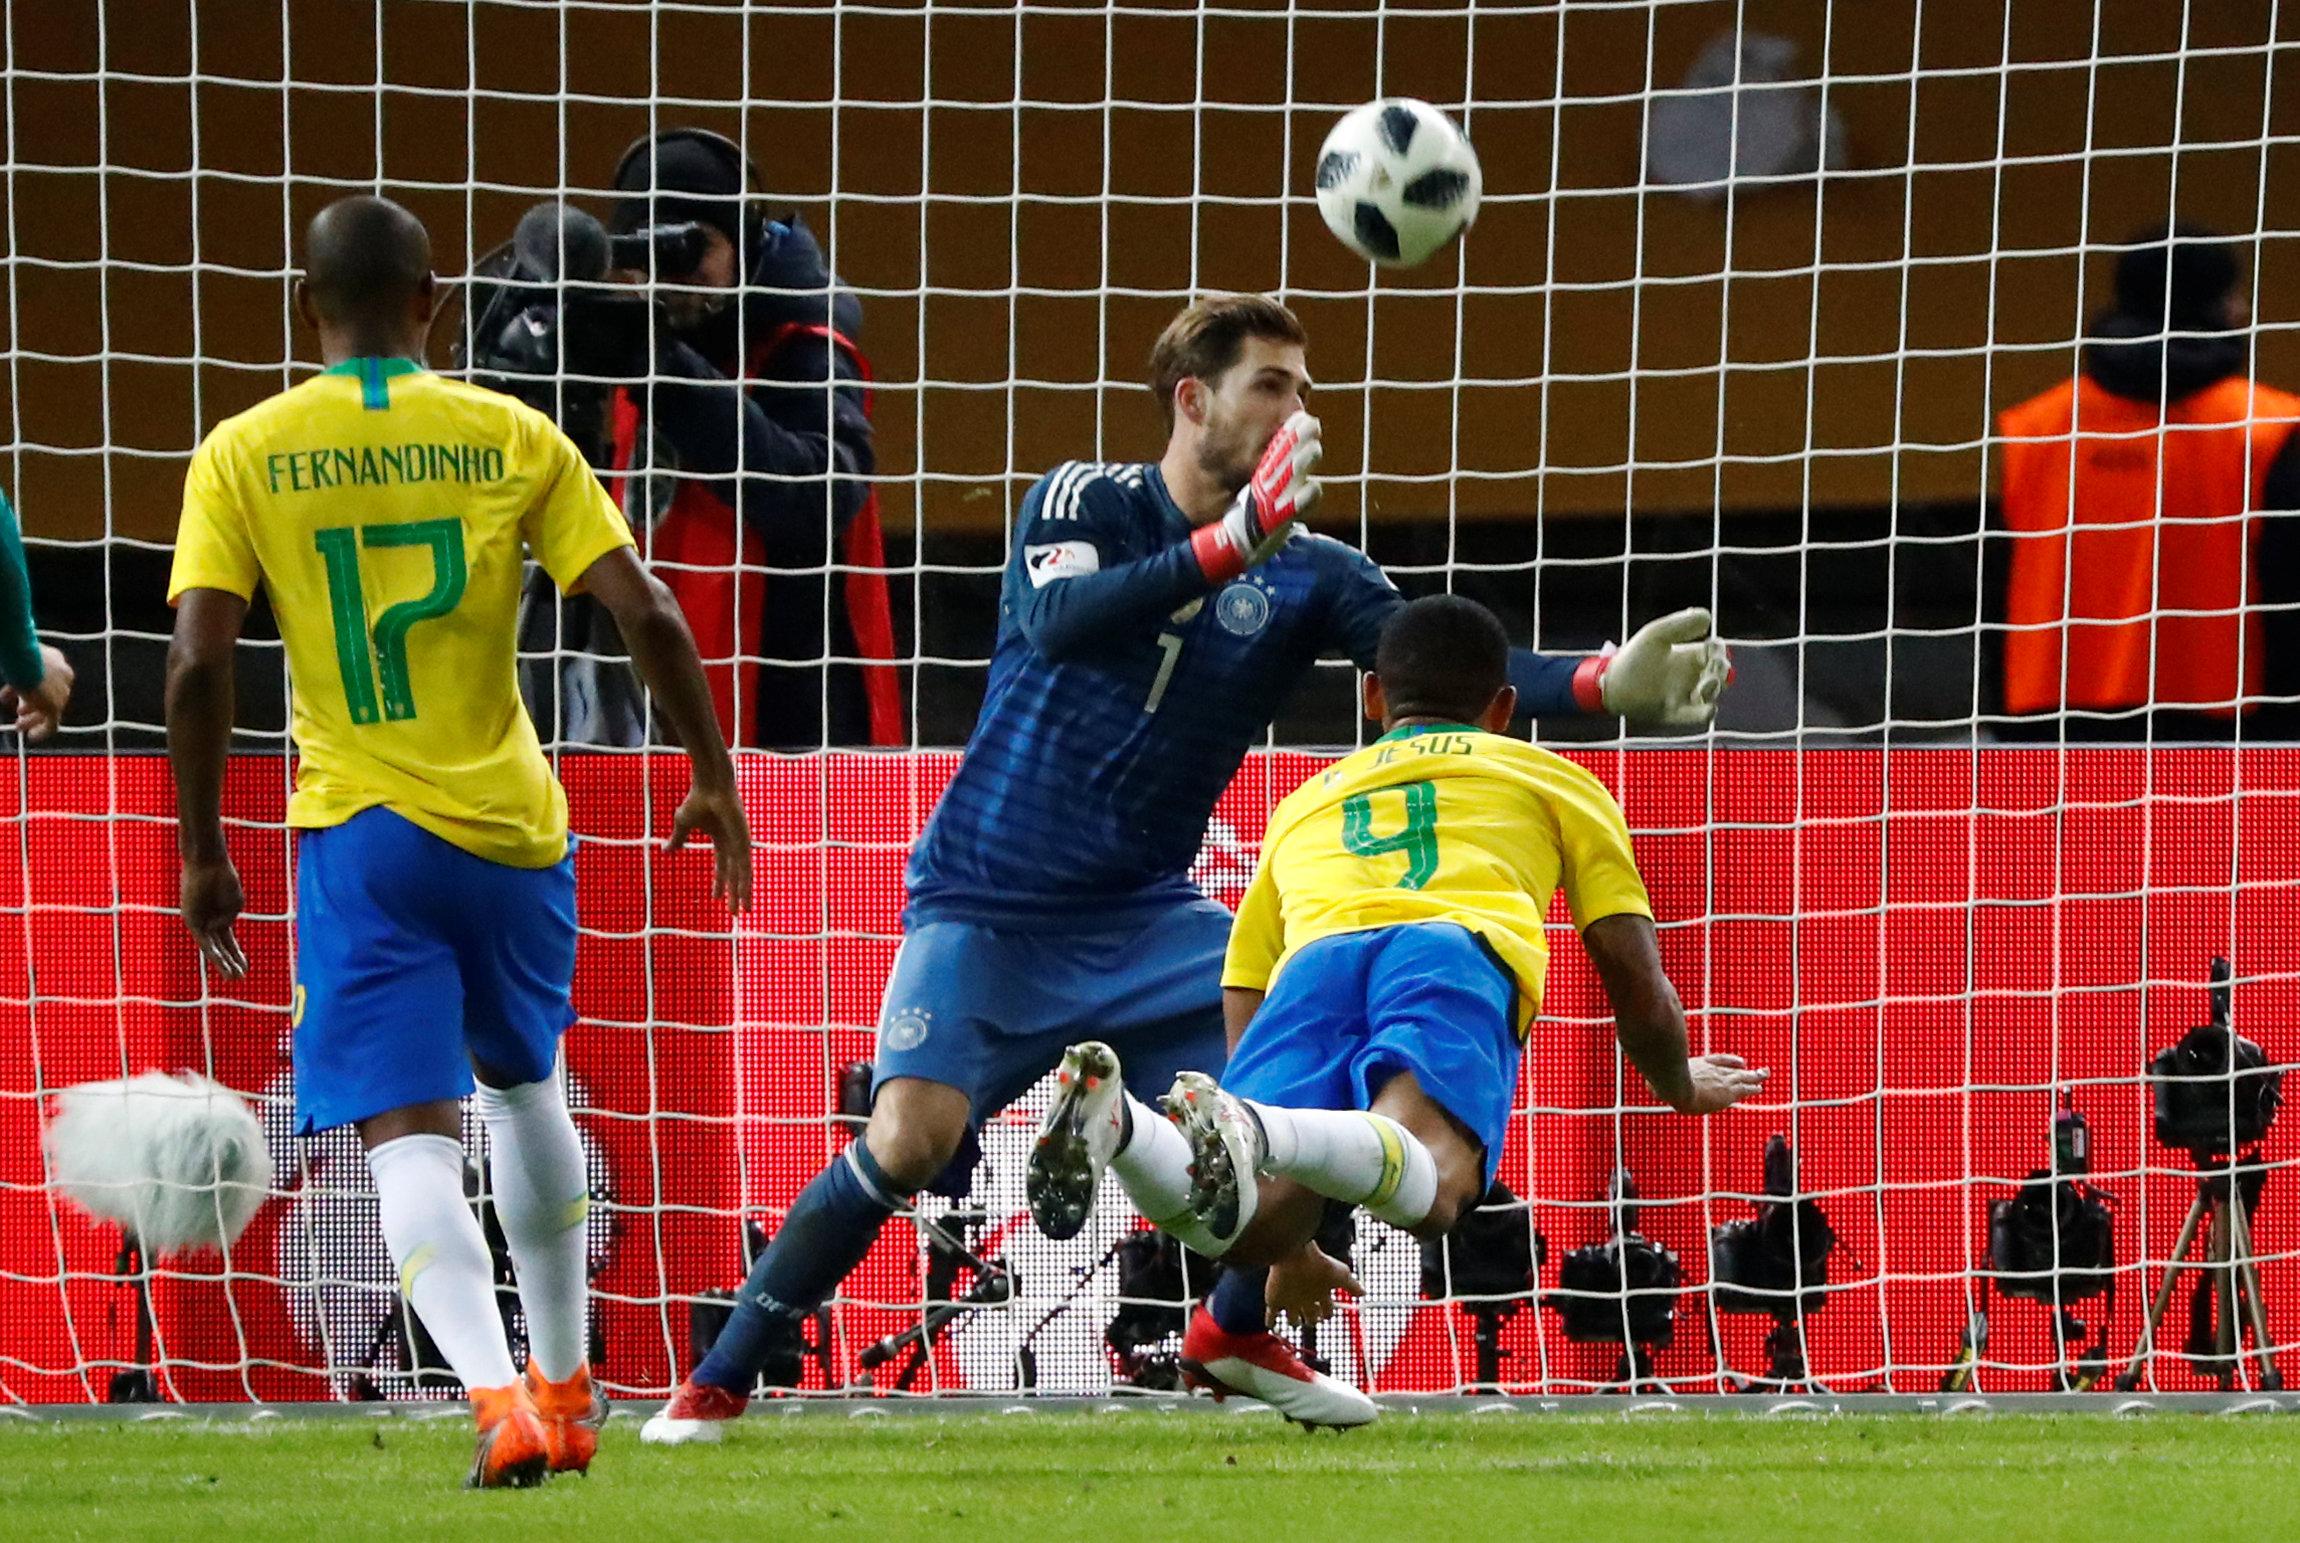 Pha đánh đầu ghi bàn cho Brazil của Jesus. Ảnh: REUTERS